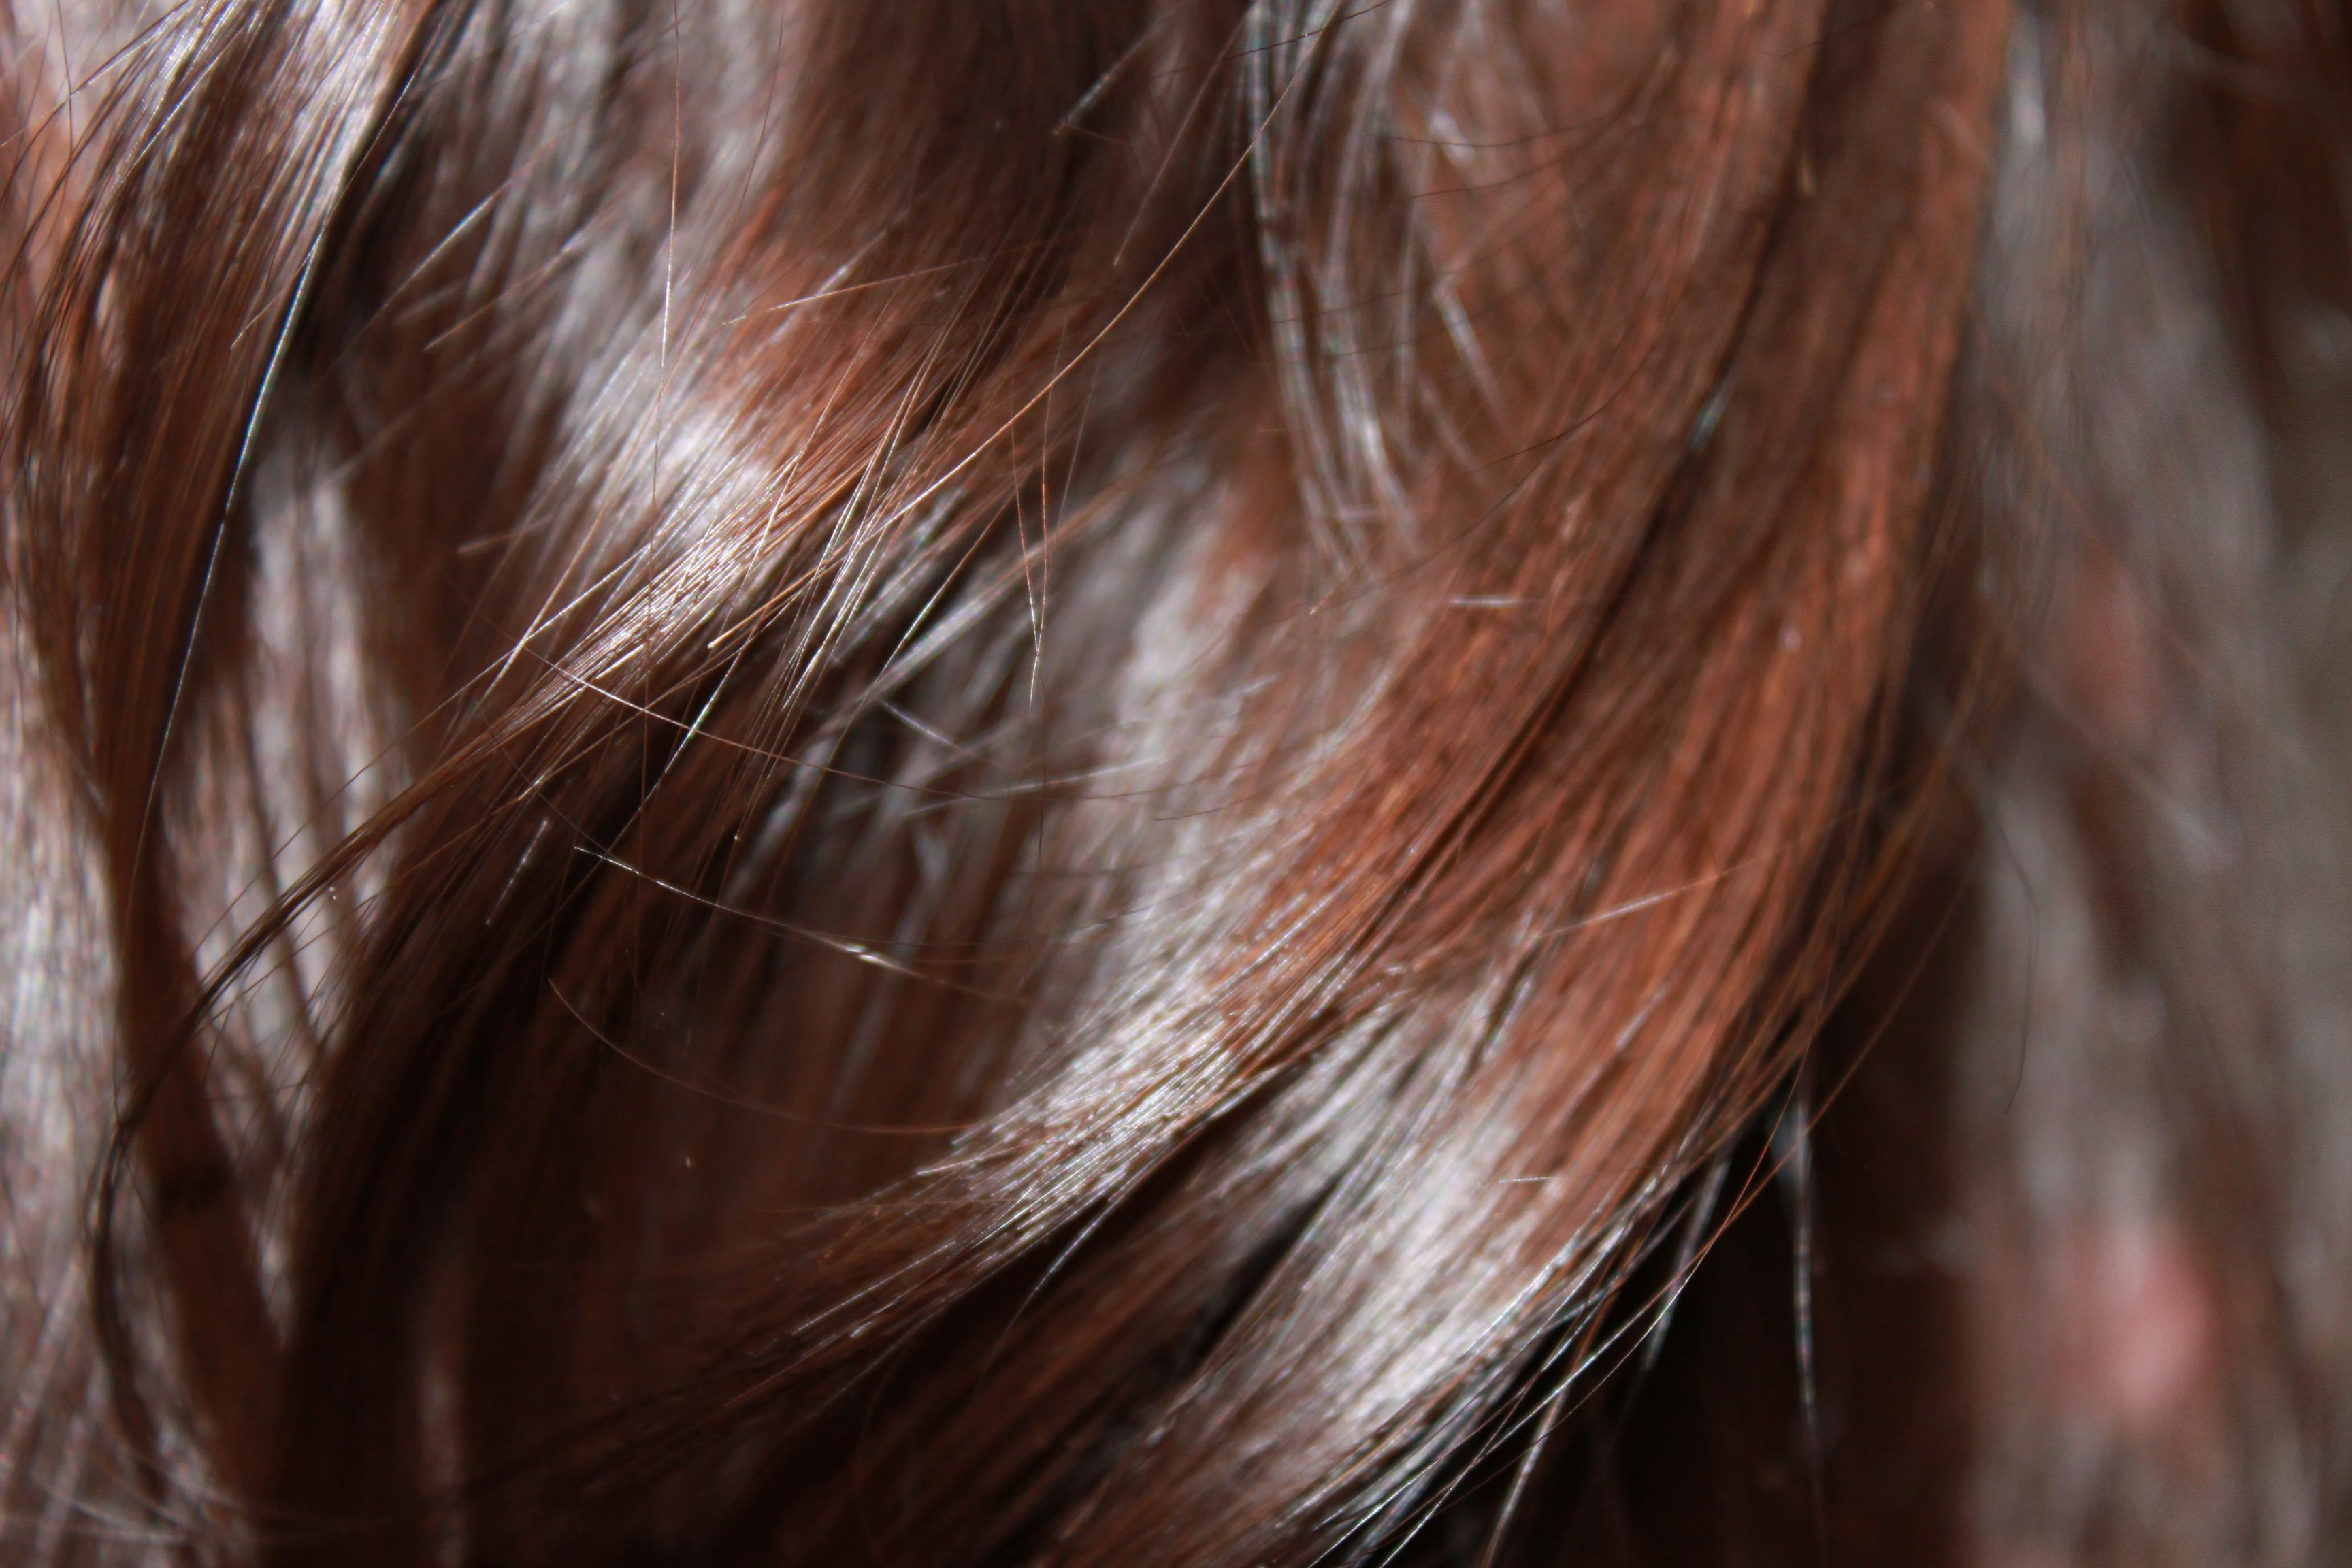 Si pueden caer los cabellos de las enfermedades cutáneas